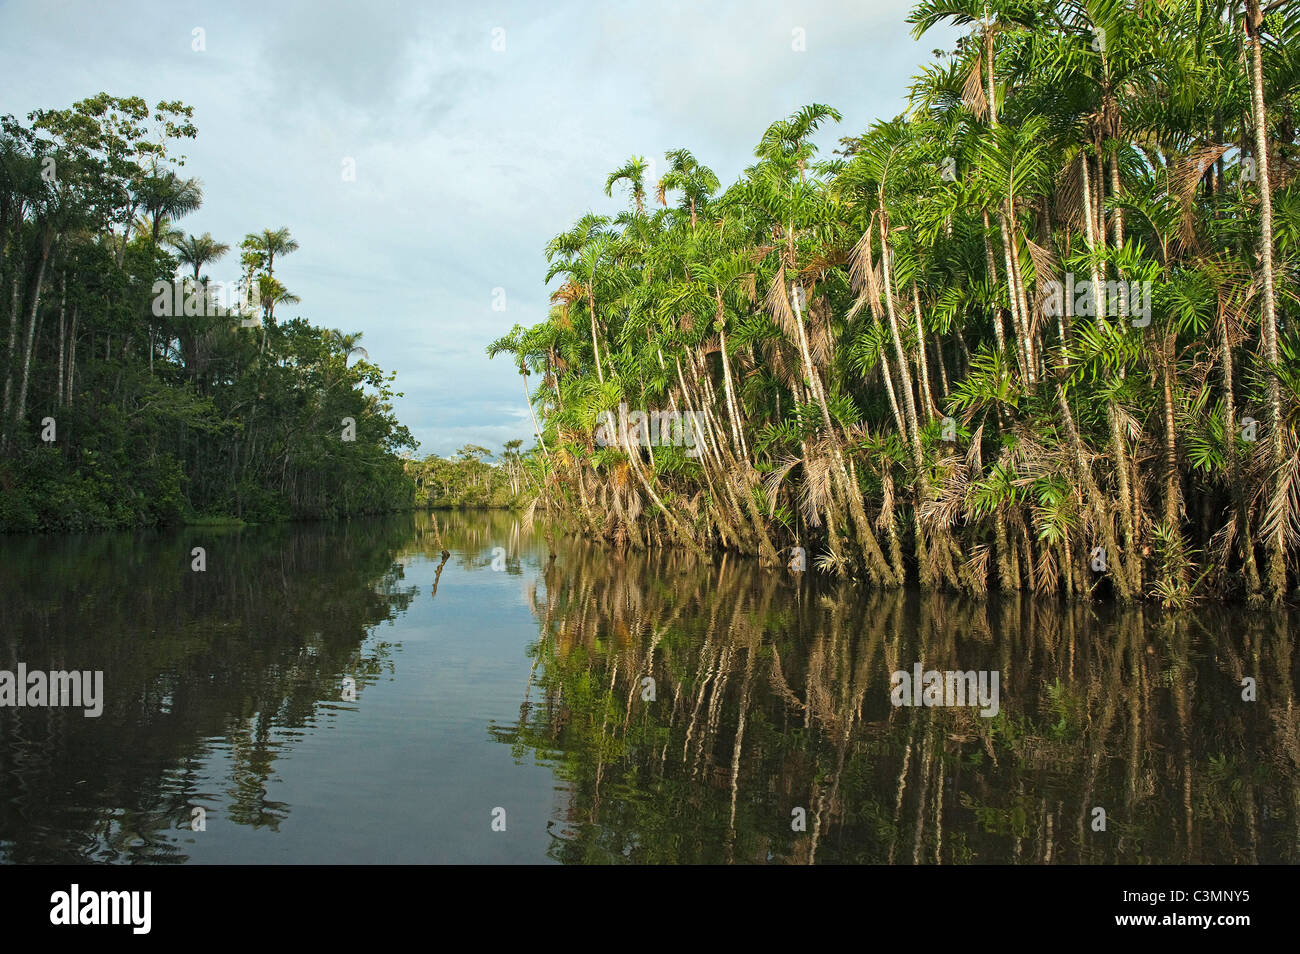 Überschwemmten Igapo Wald. Cocaya River. Östliche Amazonas Regenwald. Grenze zwischen Peru und Ecuador, Stockbild